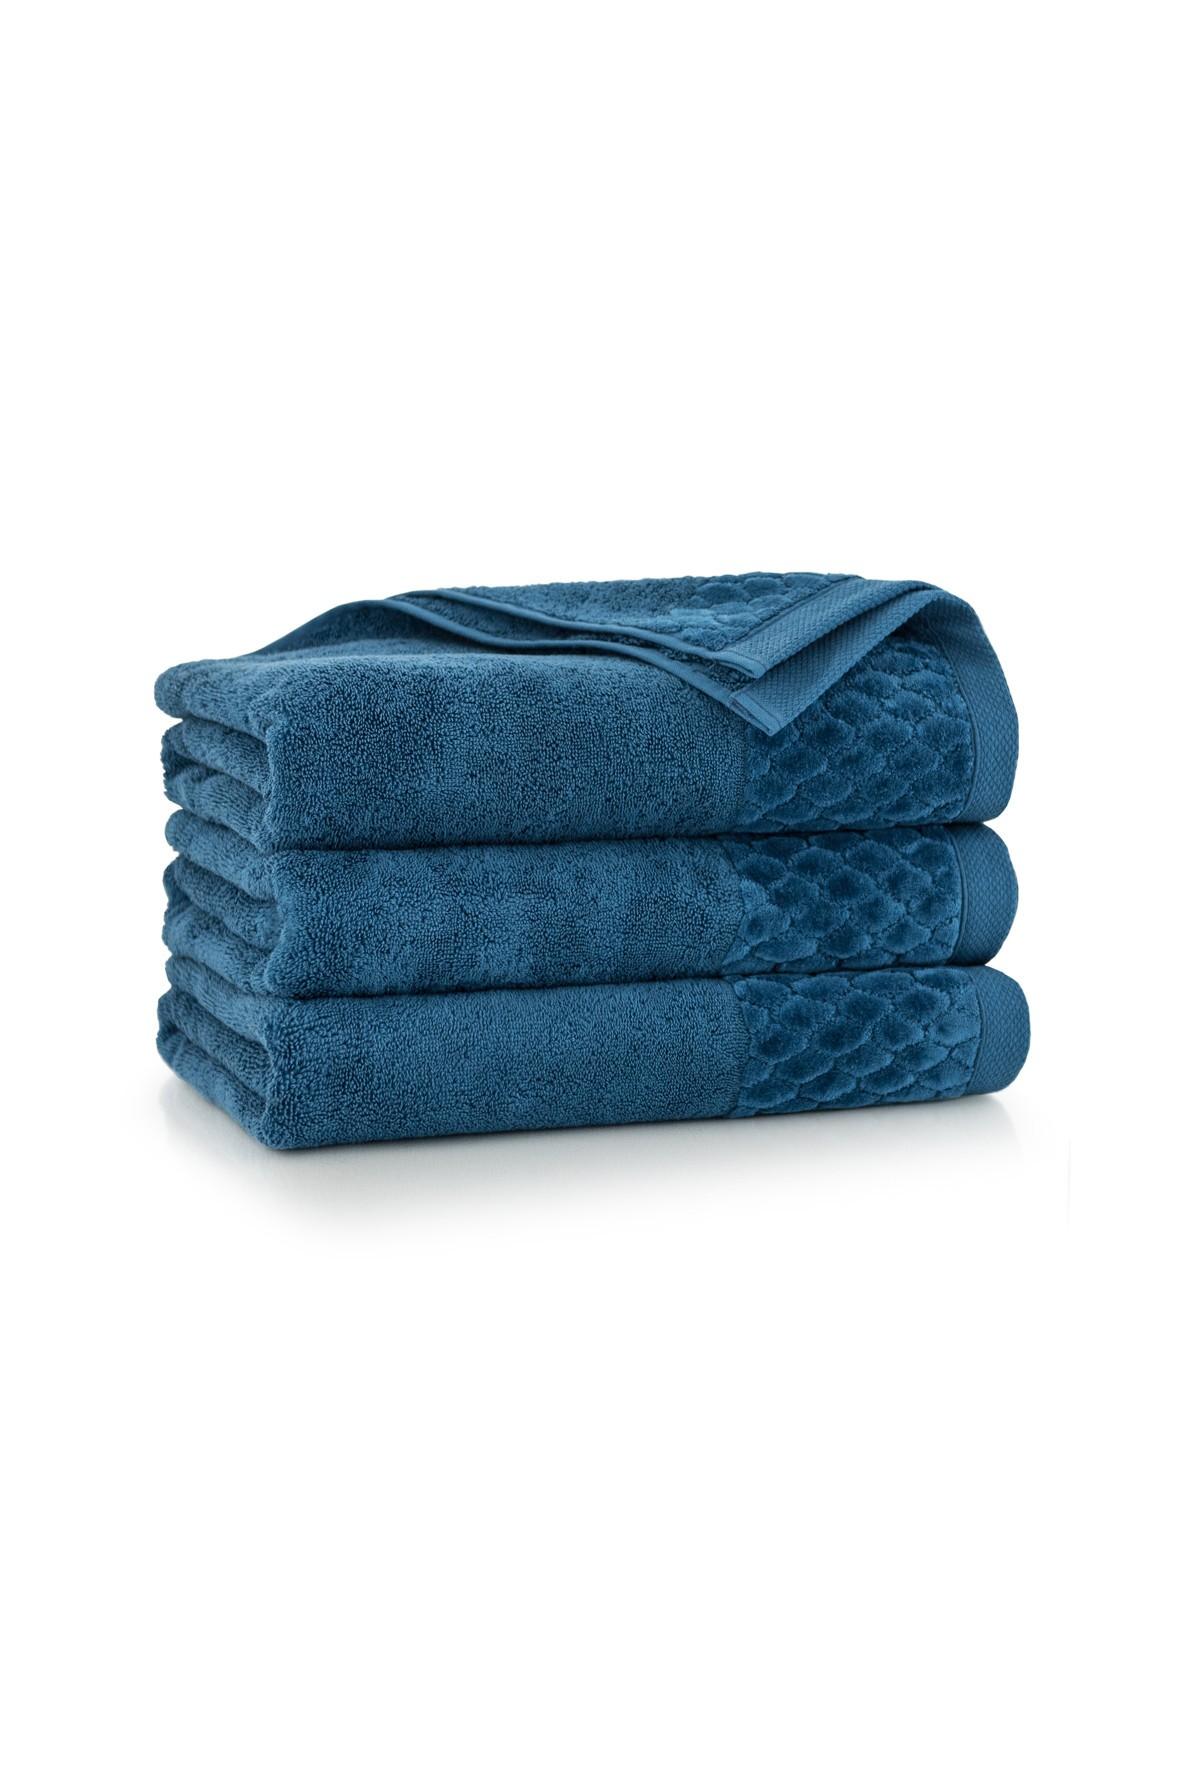 Ręcznik antybakteryjny Carlo z bawełny egipskiej tanzanit - 50x100 cm